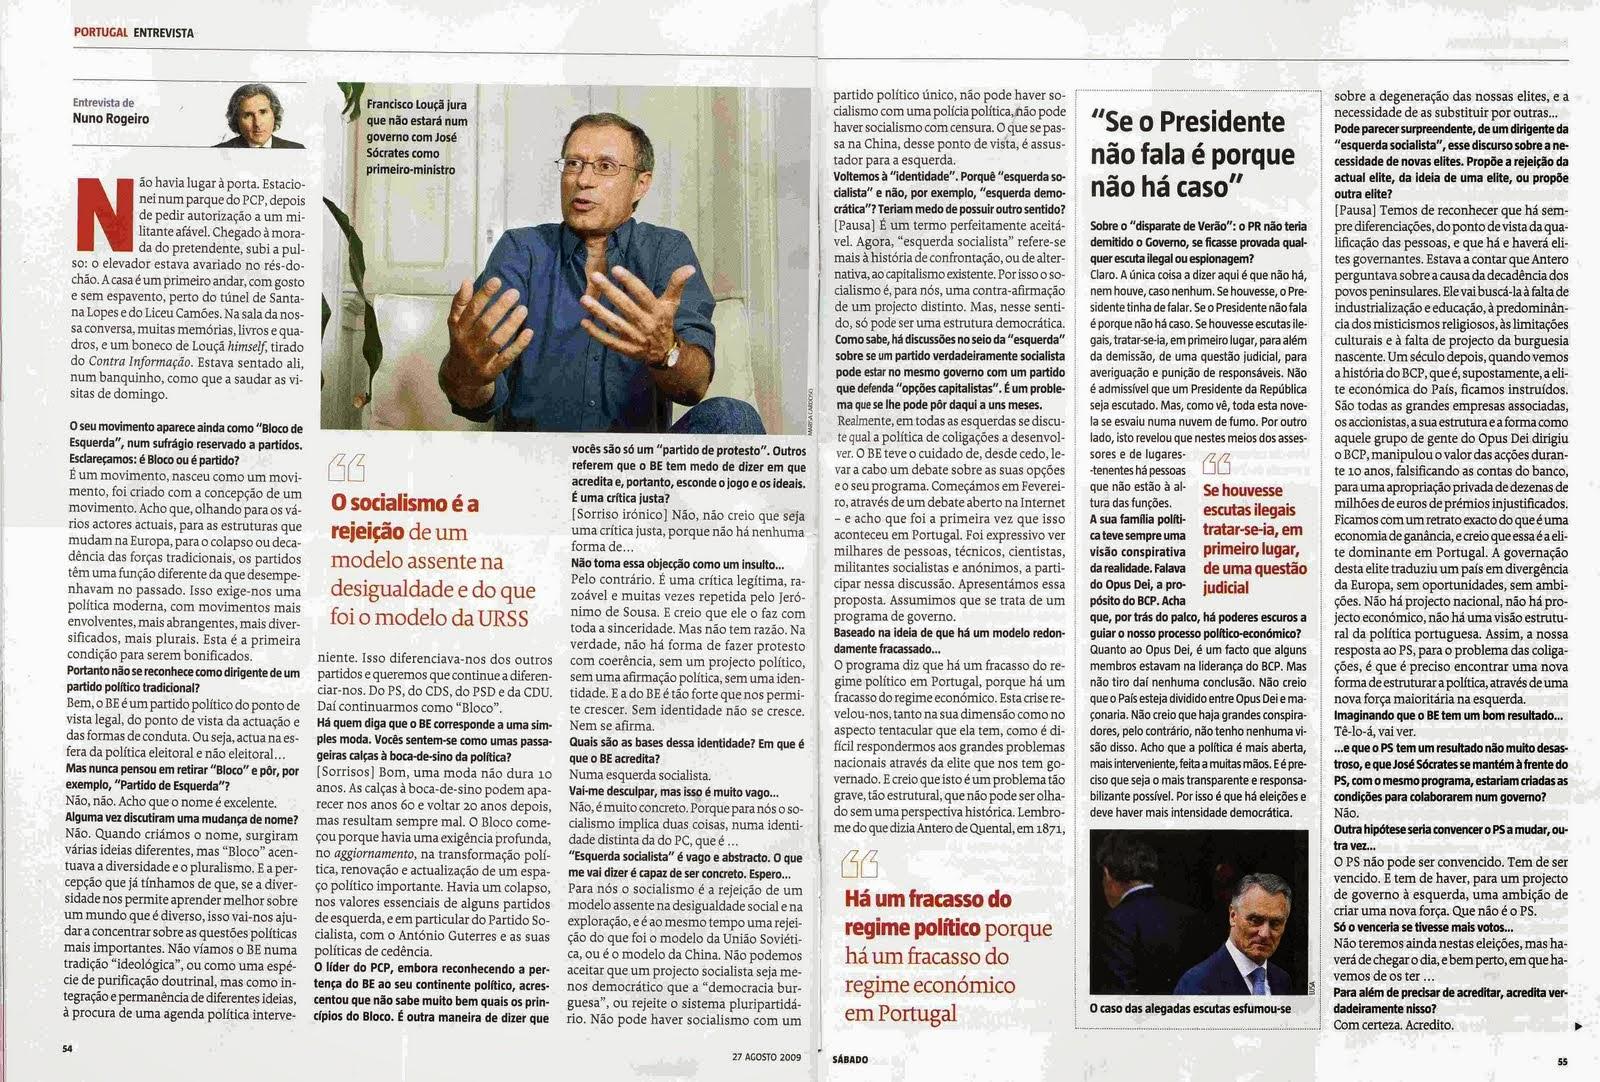 ... em entrevista à Sábado ( Agosto de 2009) mostrava claramente as  contradições destas ideias peregrinas e que são as mesmas dos daniéis  oliveiras e ruis ... f4fba1b00dc